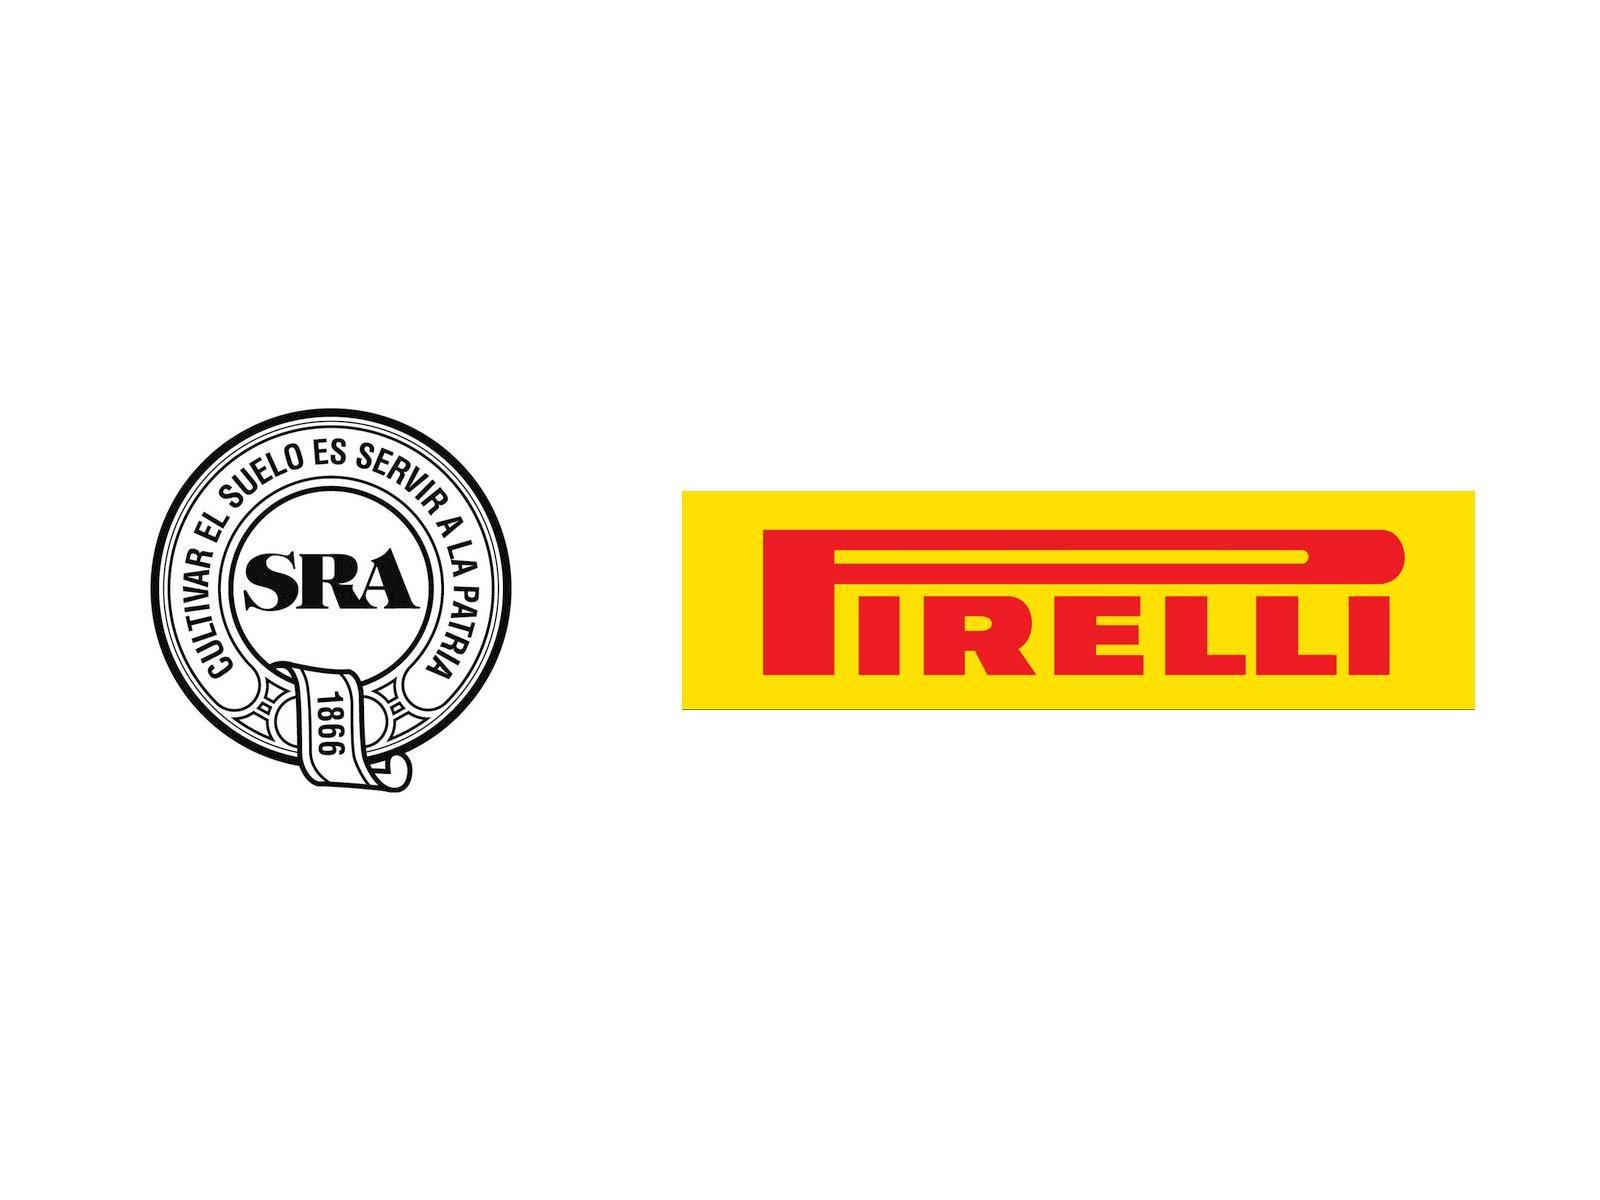 Pirelli se asocia a la Sociedad Rural Argentina